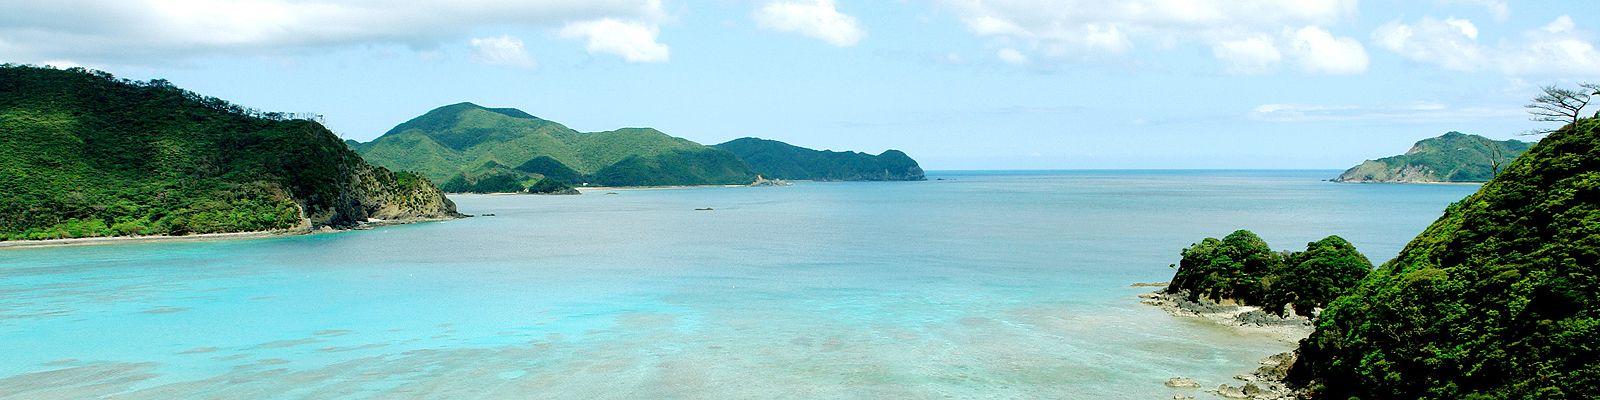 奄美 加計呂麻の海